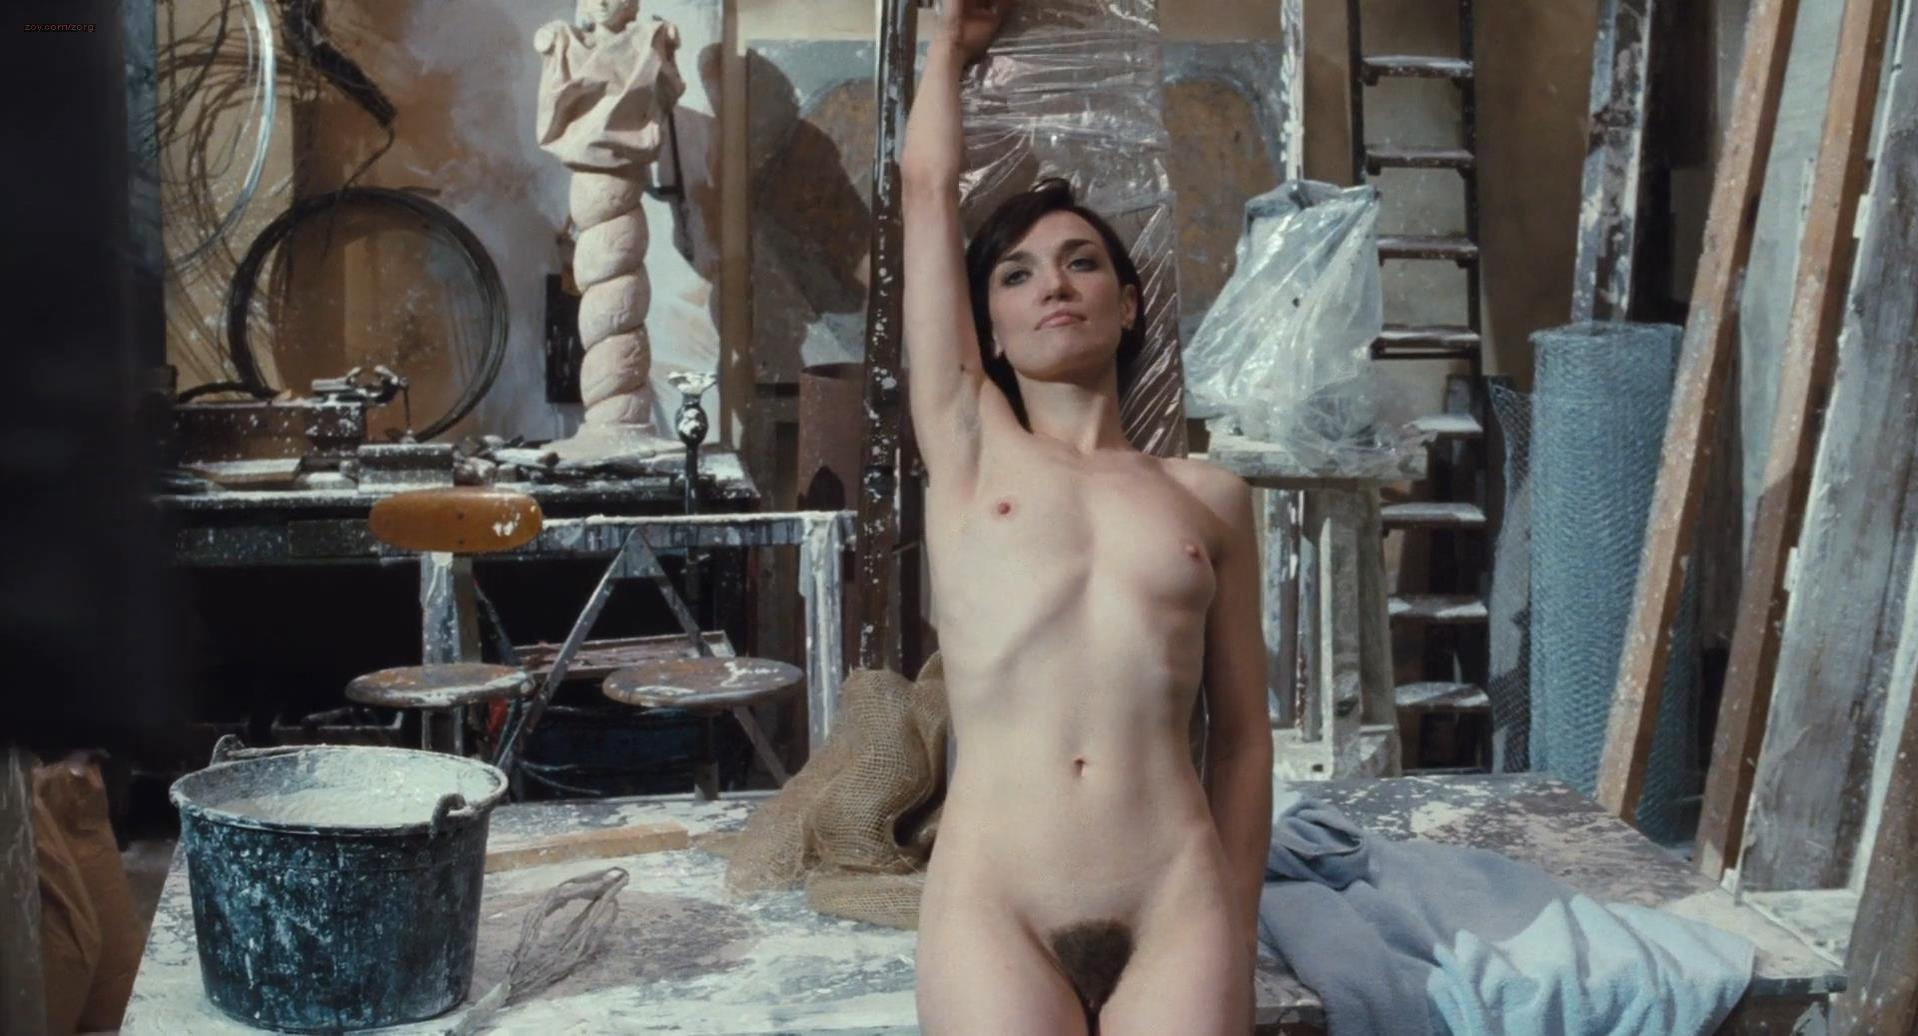 Angelique Cavallari nude - Anni felici (2013)